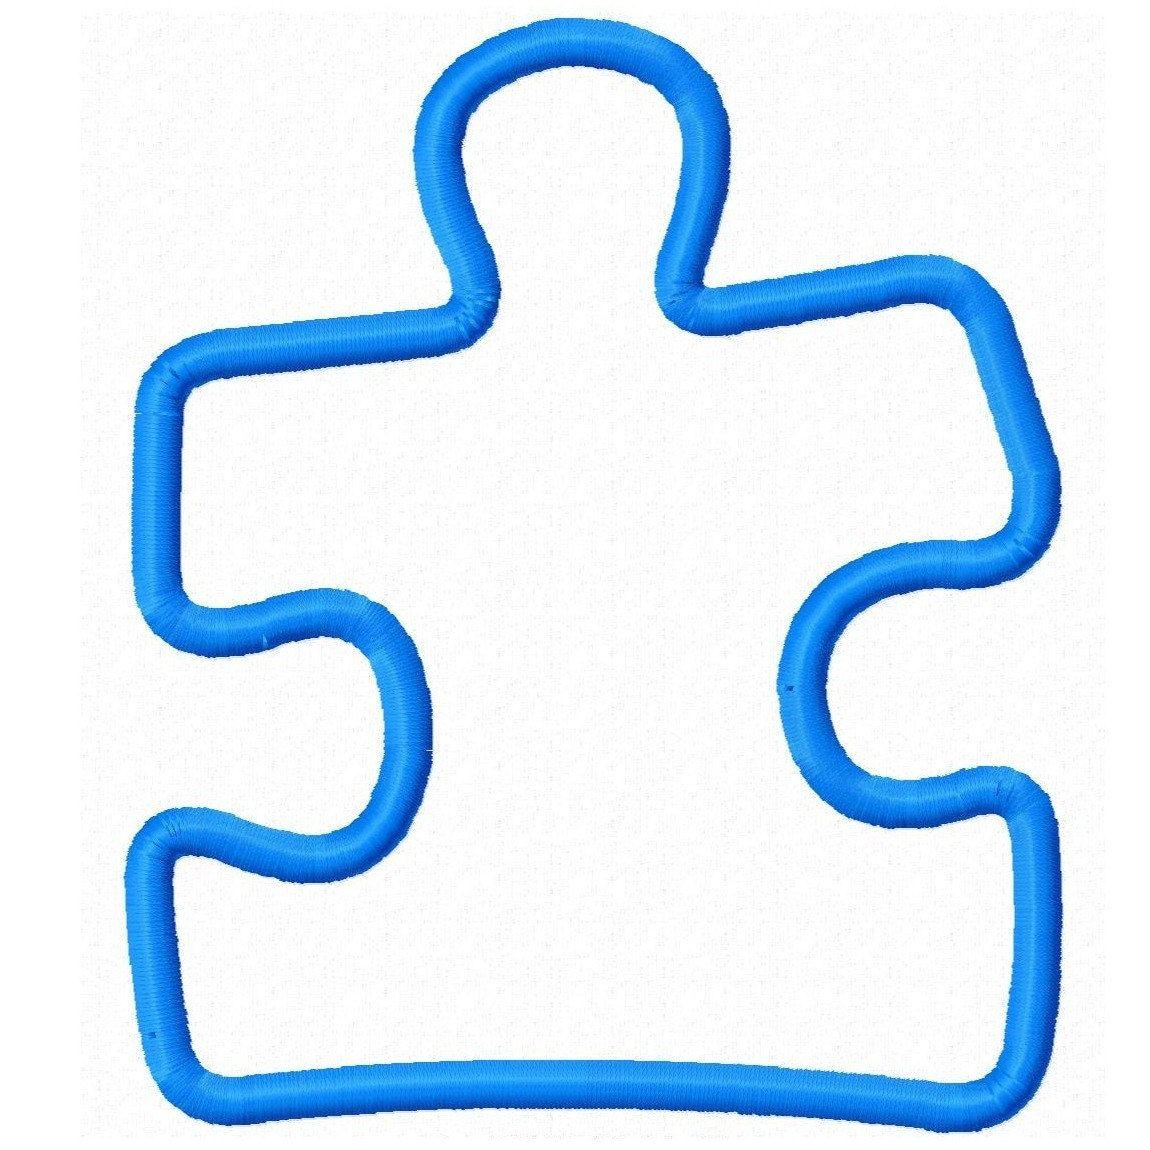 Puzzle Cliparts Autism Puzzle Piece Puzzle Art Puzzle Pieces